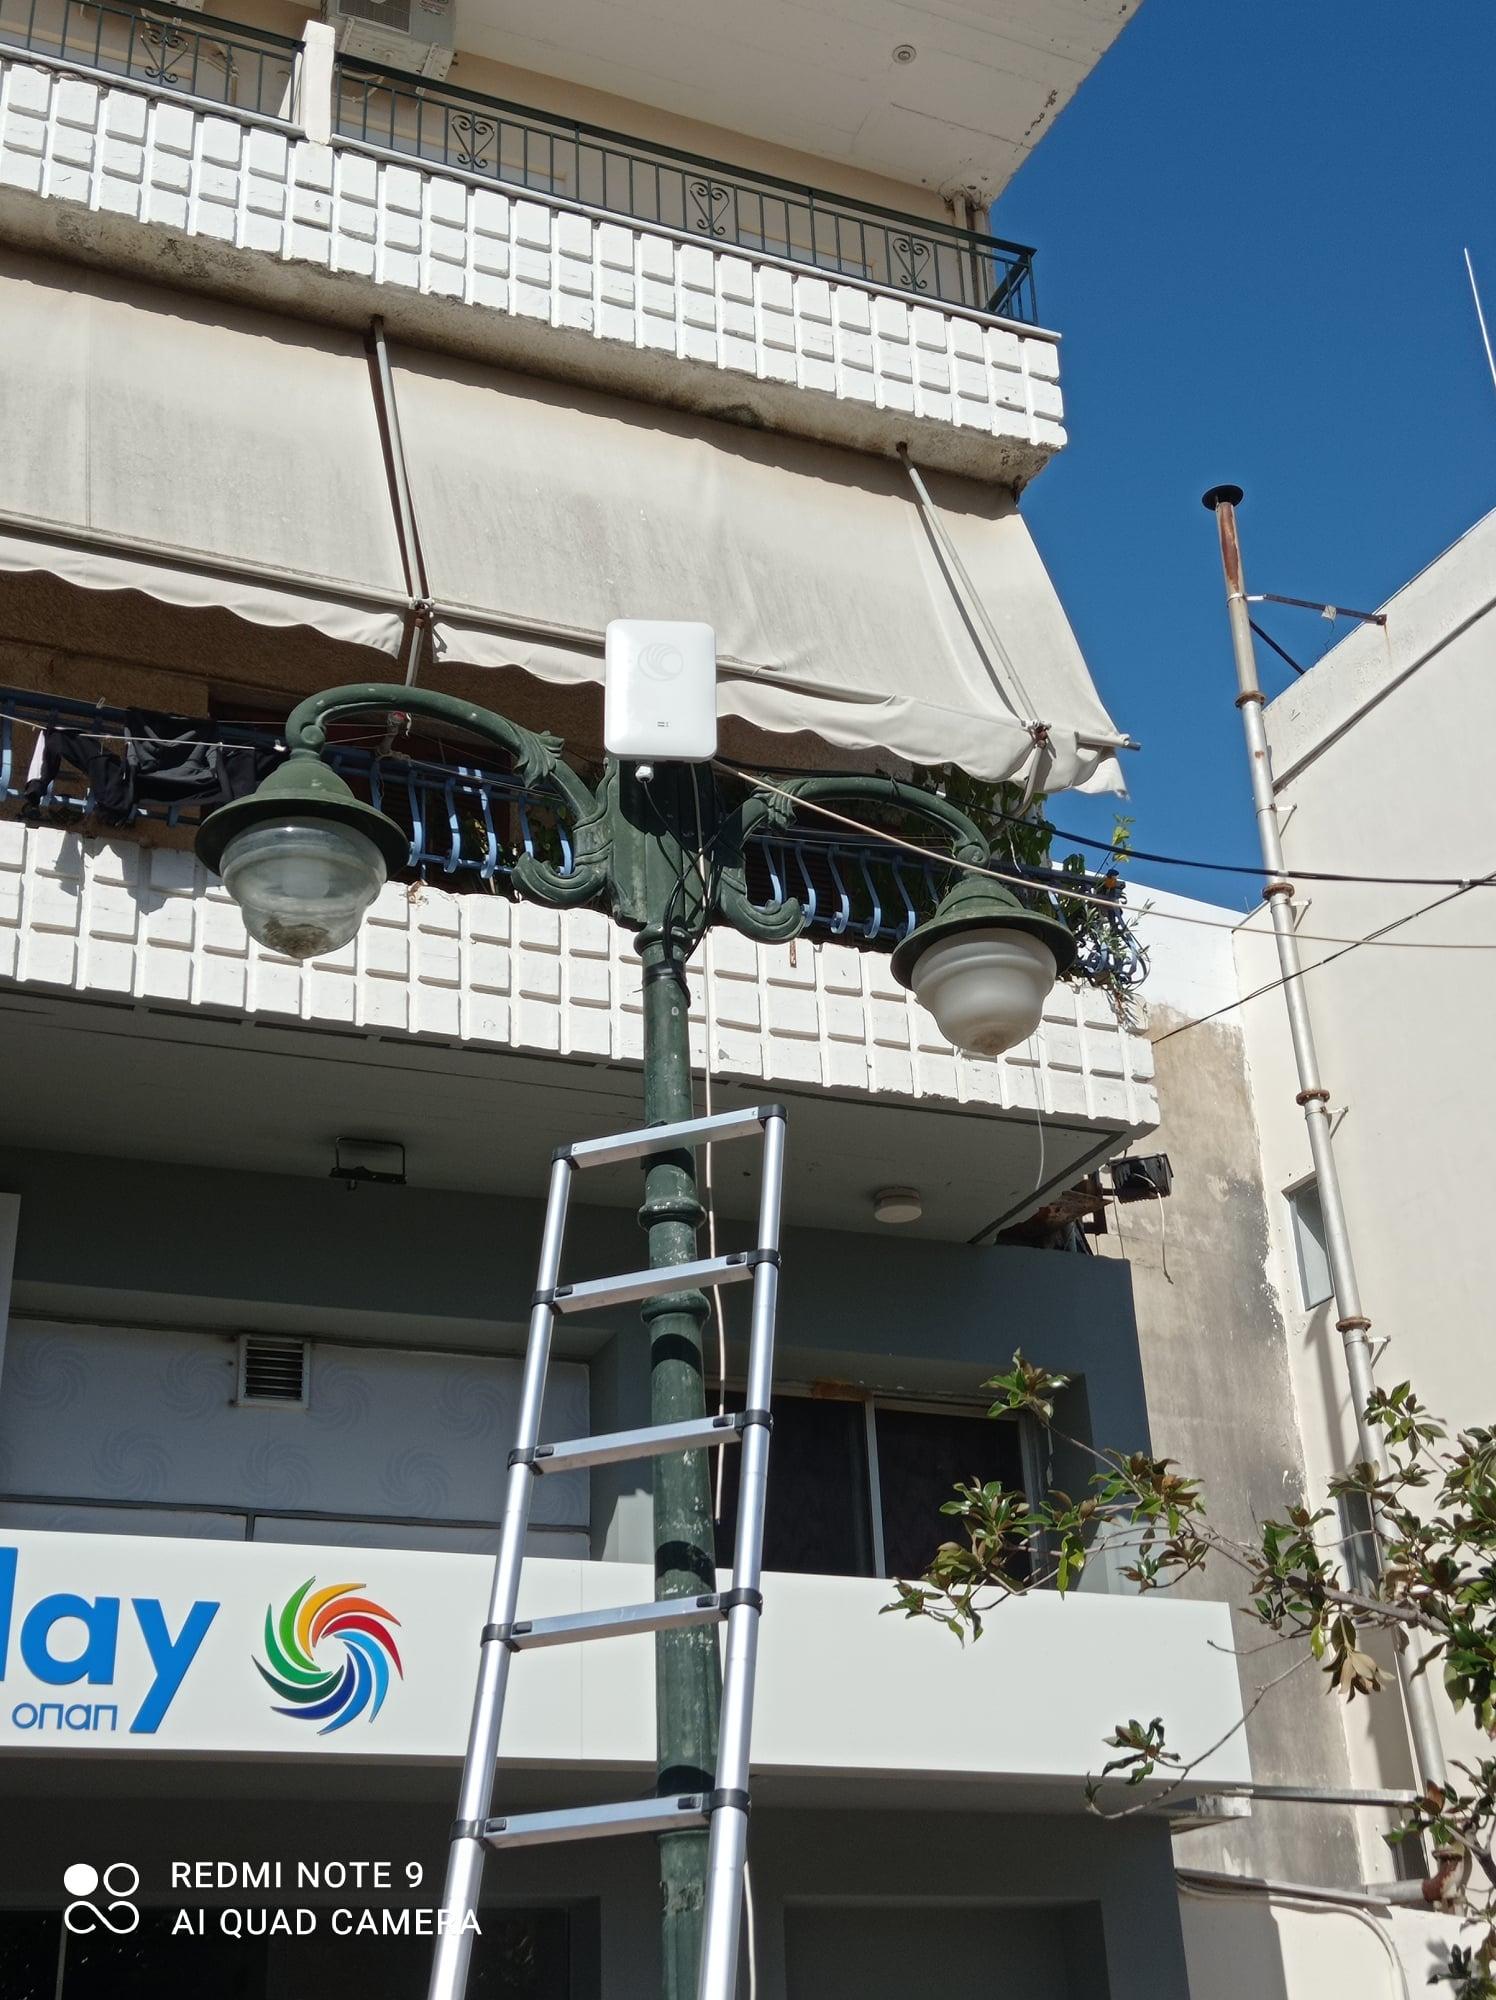 Αμαλιάδα: Εγκατάσταση Κεραιών για Free Internet από Δήμο Ήλιδας στην πόλη της Αμαλιάδας στα πλαίσια του ευρωπαϊκού προγράμματος WIFI4EU (photos)